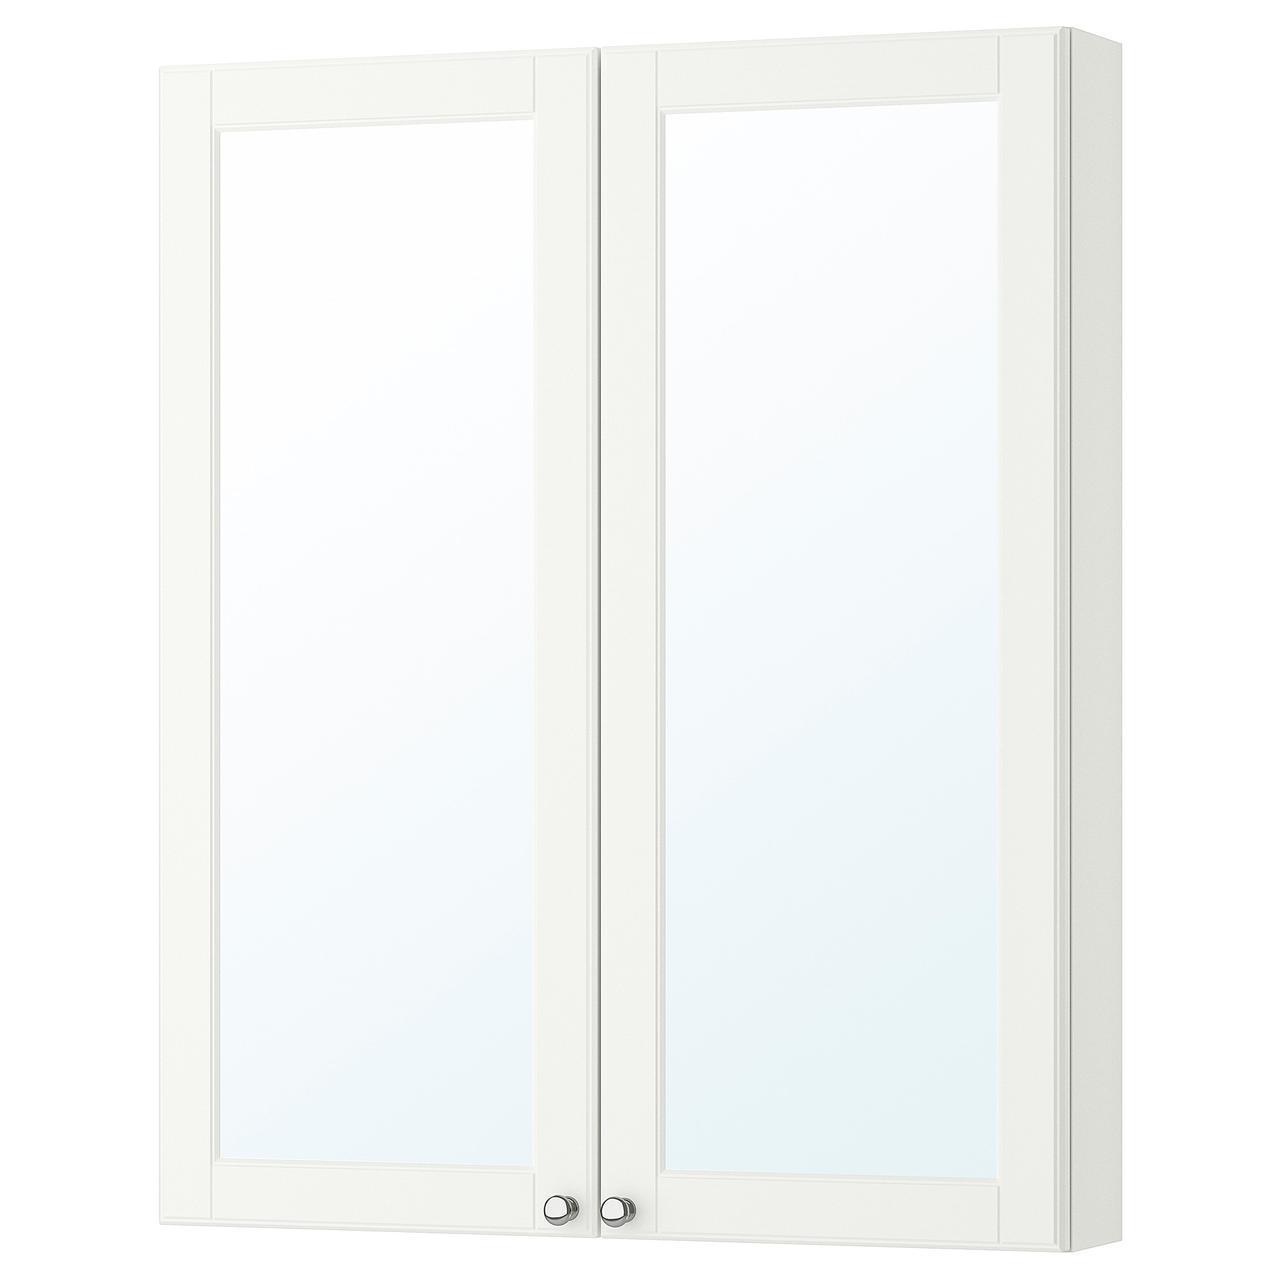 IKEA GODMORGON Шкаф с зеркалом и дверью, Касжöн белый  (003.922.39)